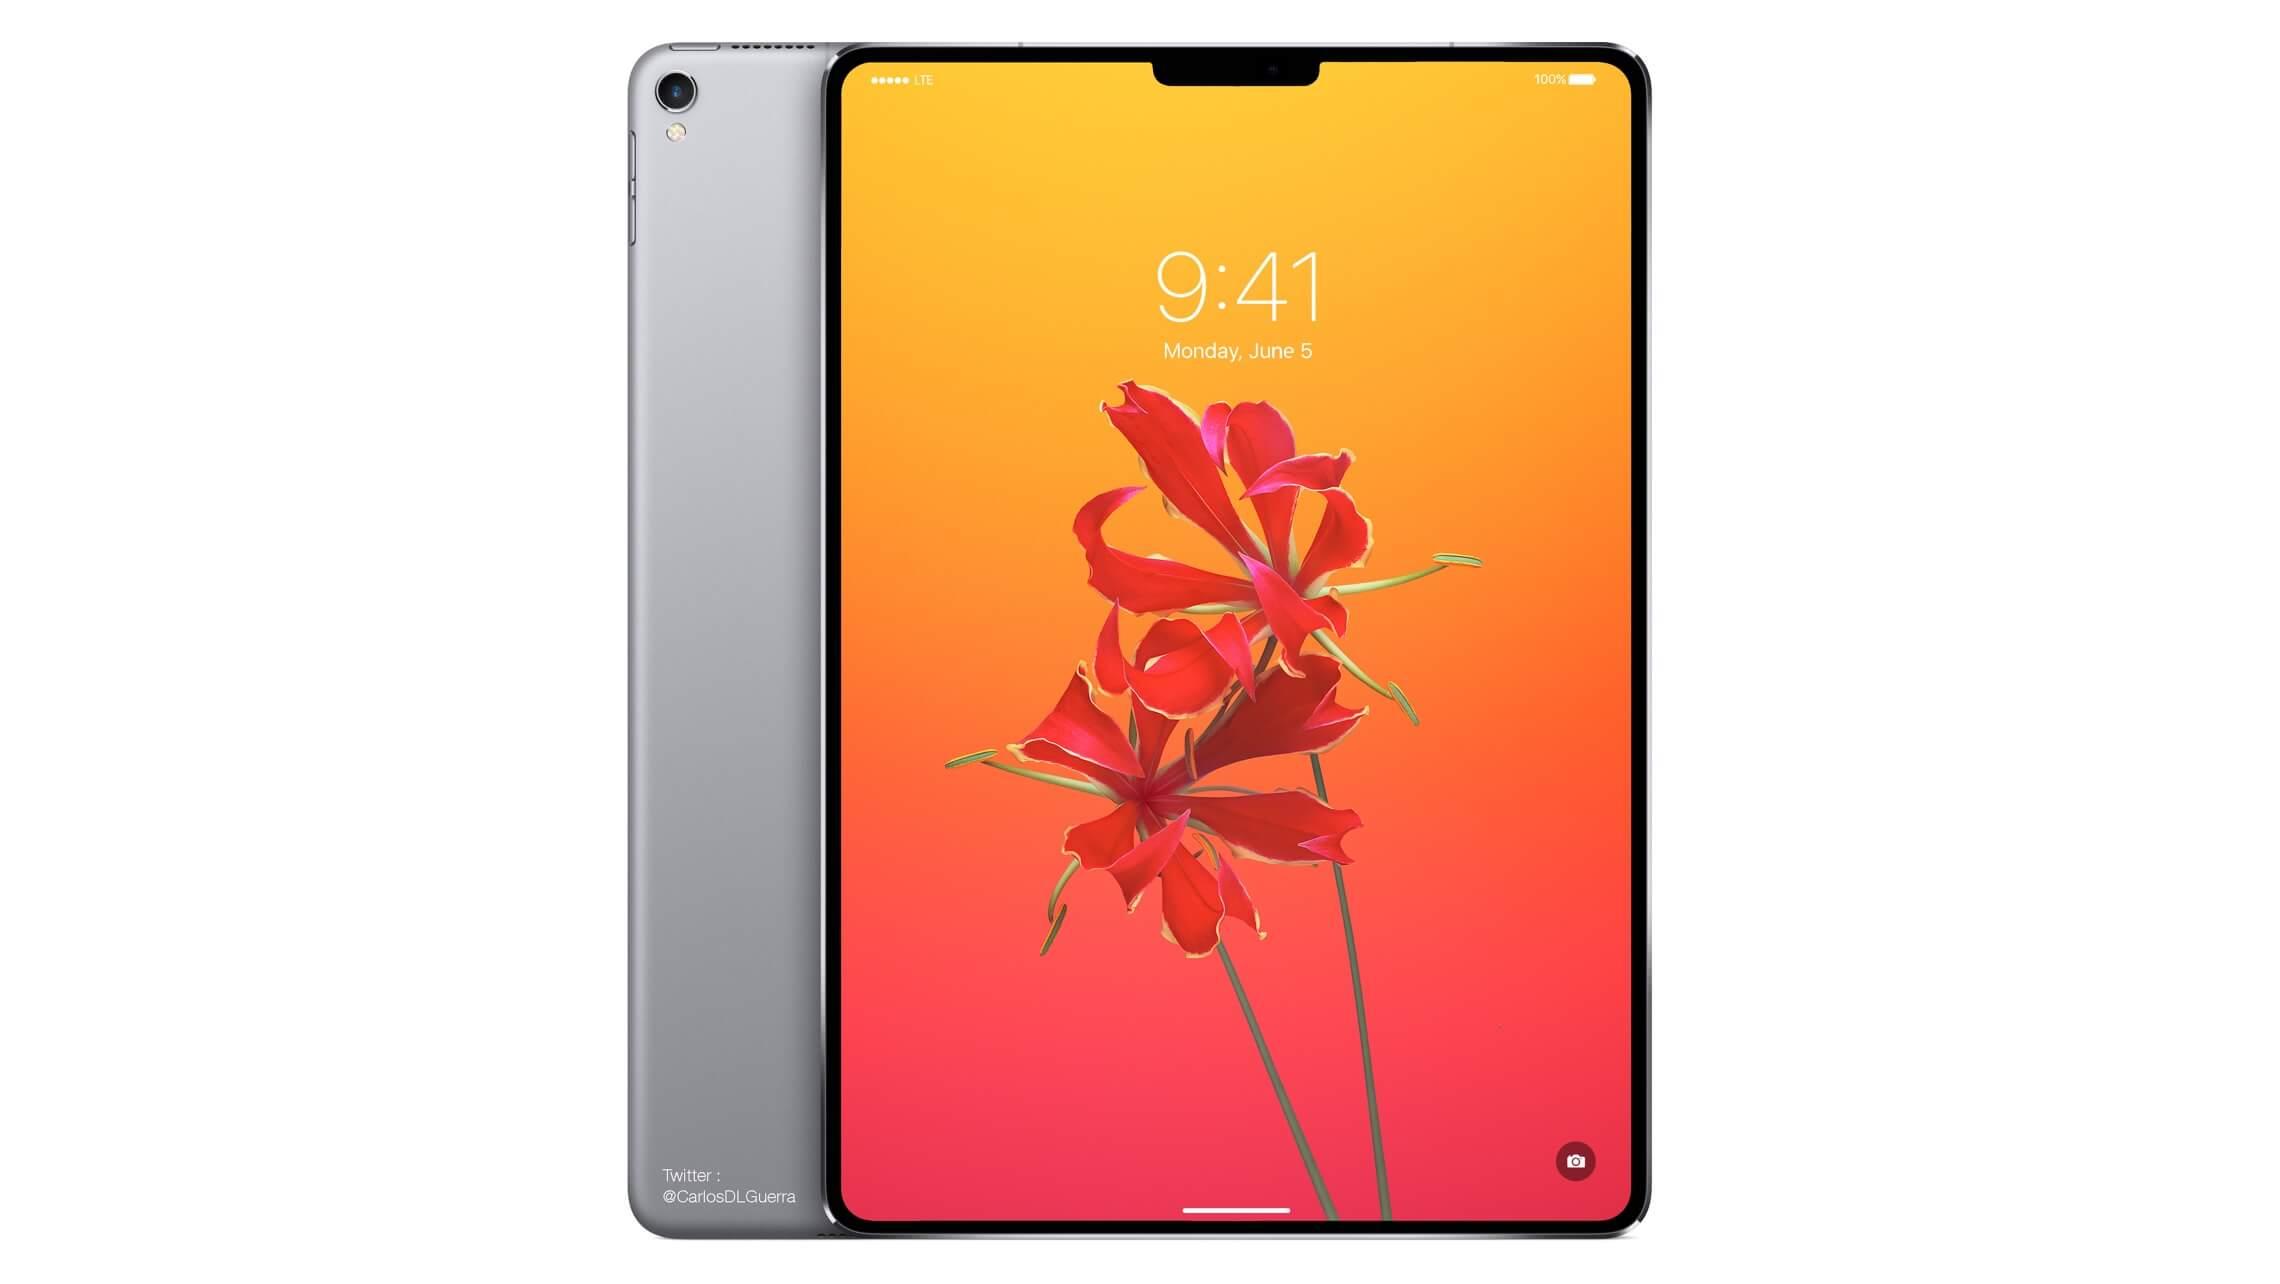 ipad pro face id notch concept - 11-palcový iPad Pro s Face ID možno už na WWDC, iPhony až neskôr